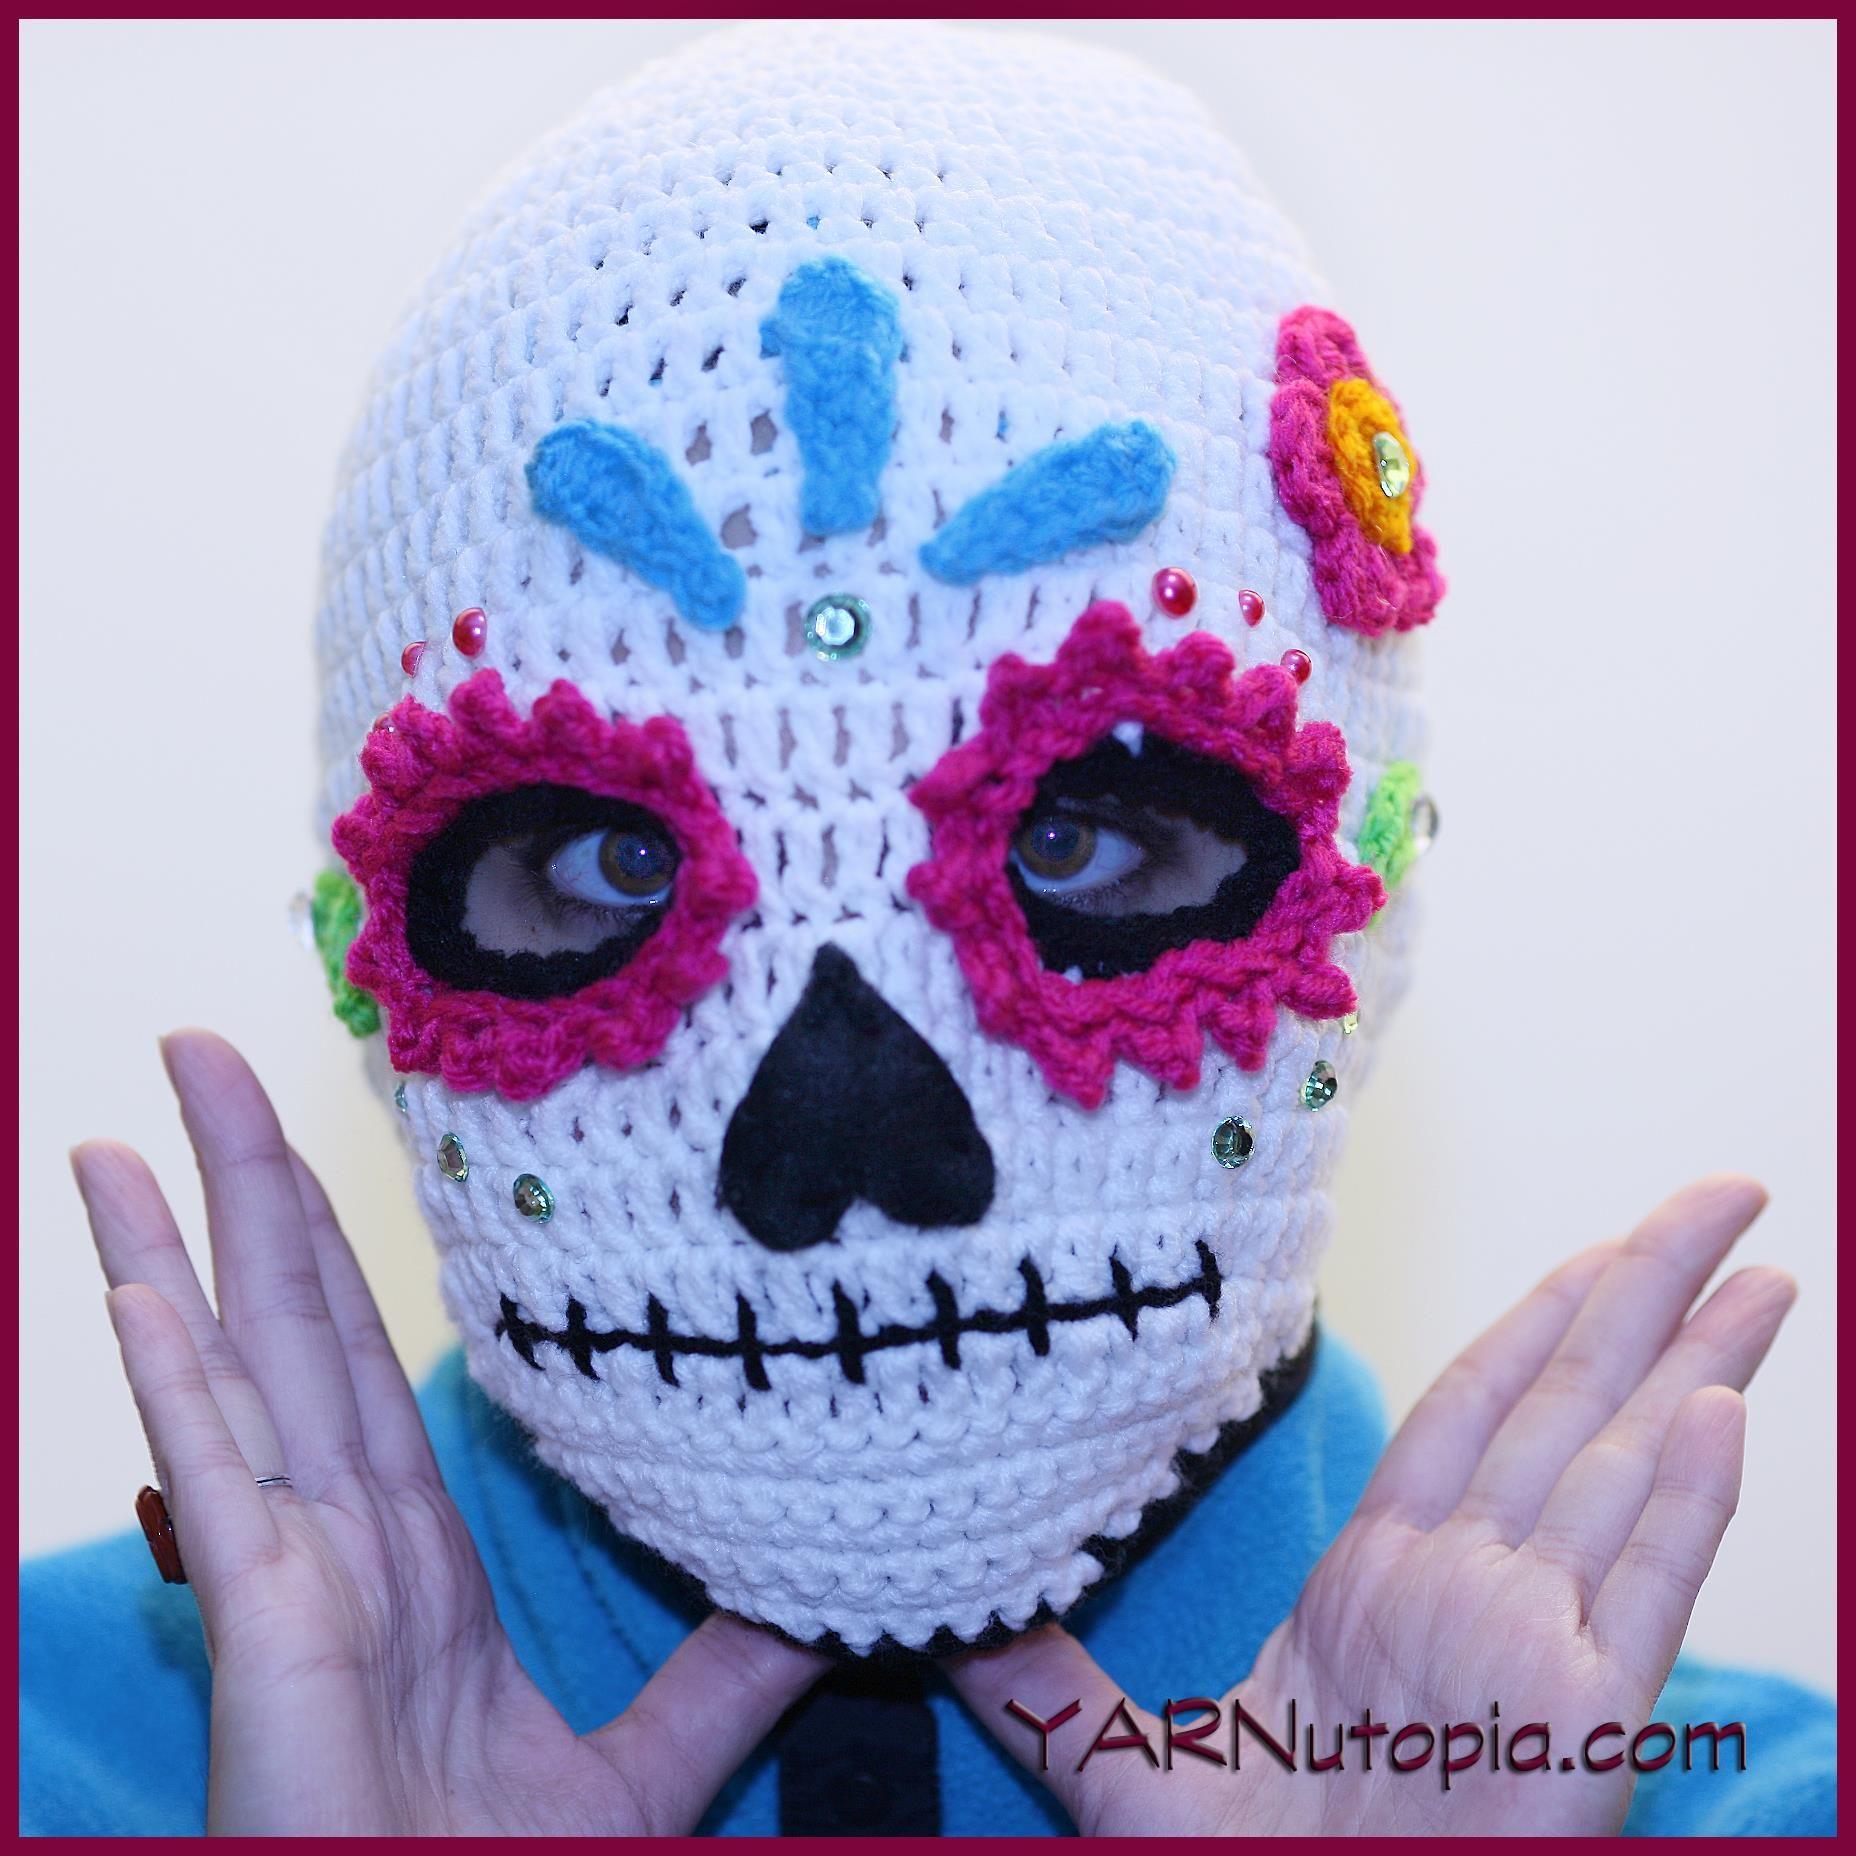 Crochet Tutorial: Sugar Skull Ski Mask | Sugar skulls, Free pattern ...